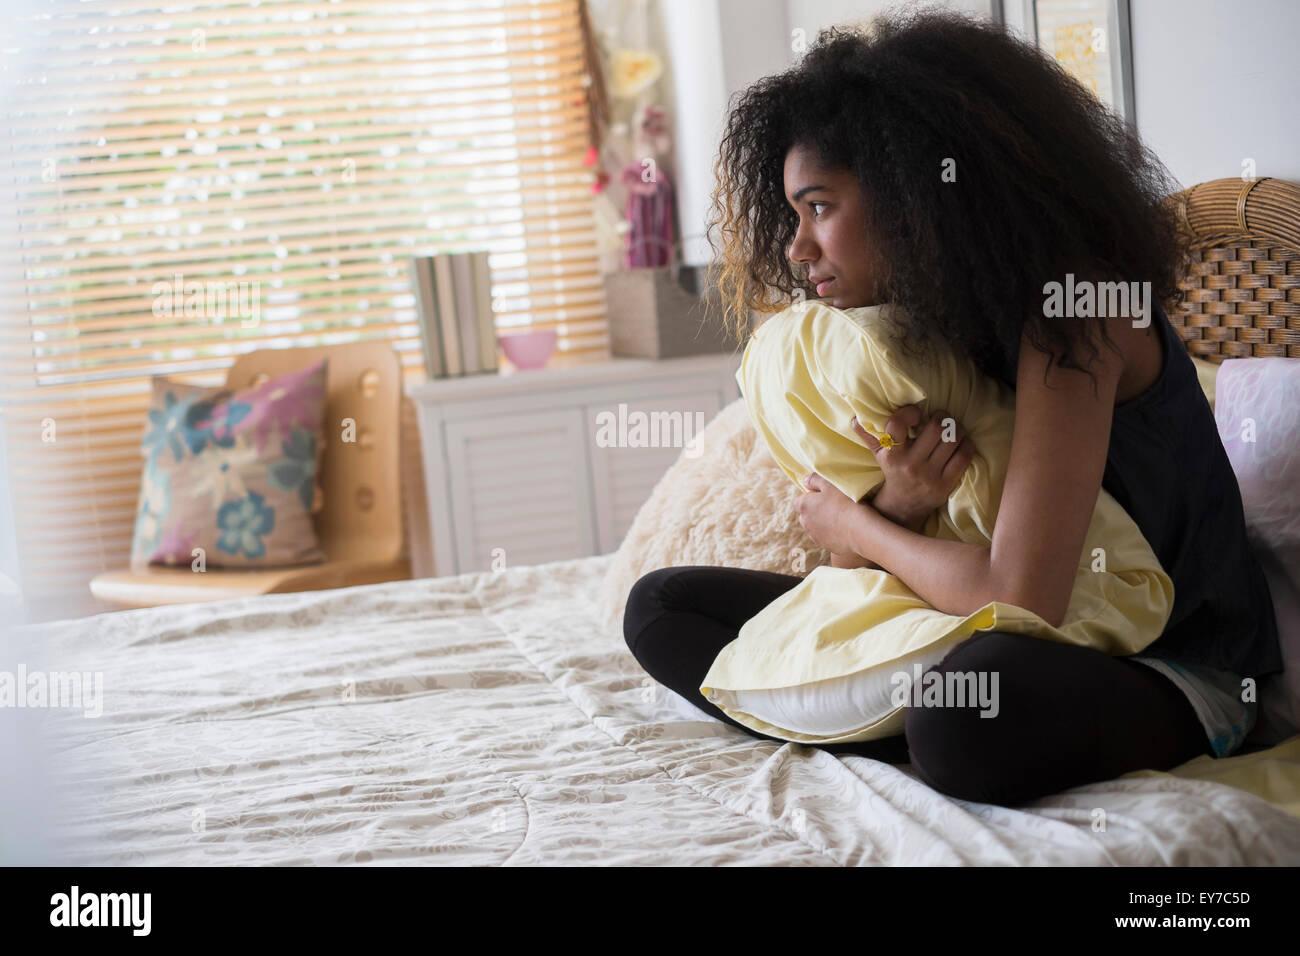 Ragazza adolescente (14-15) seduto sul letto, abbracciando cuscino Immagini Stock